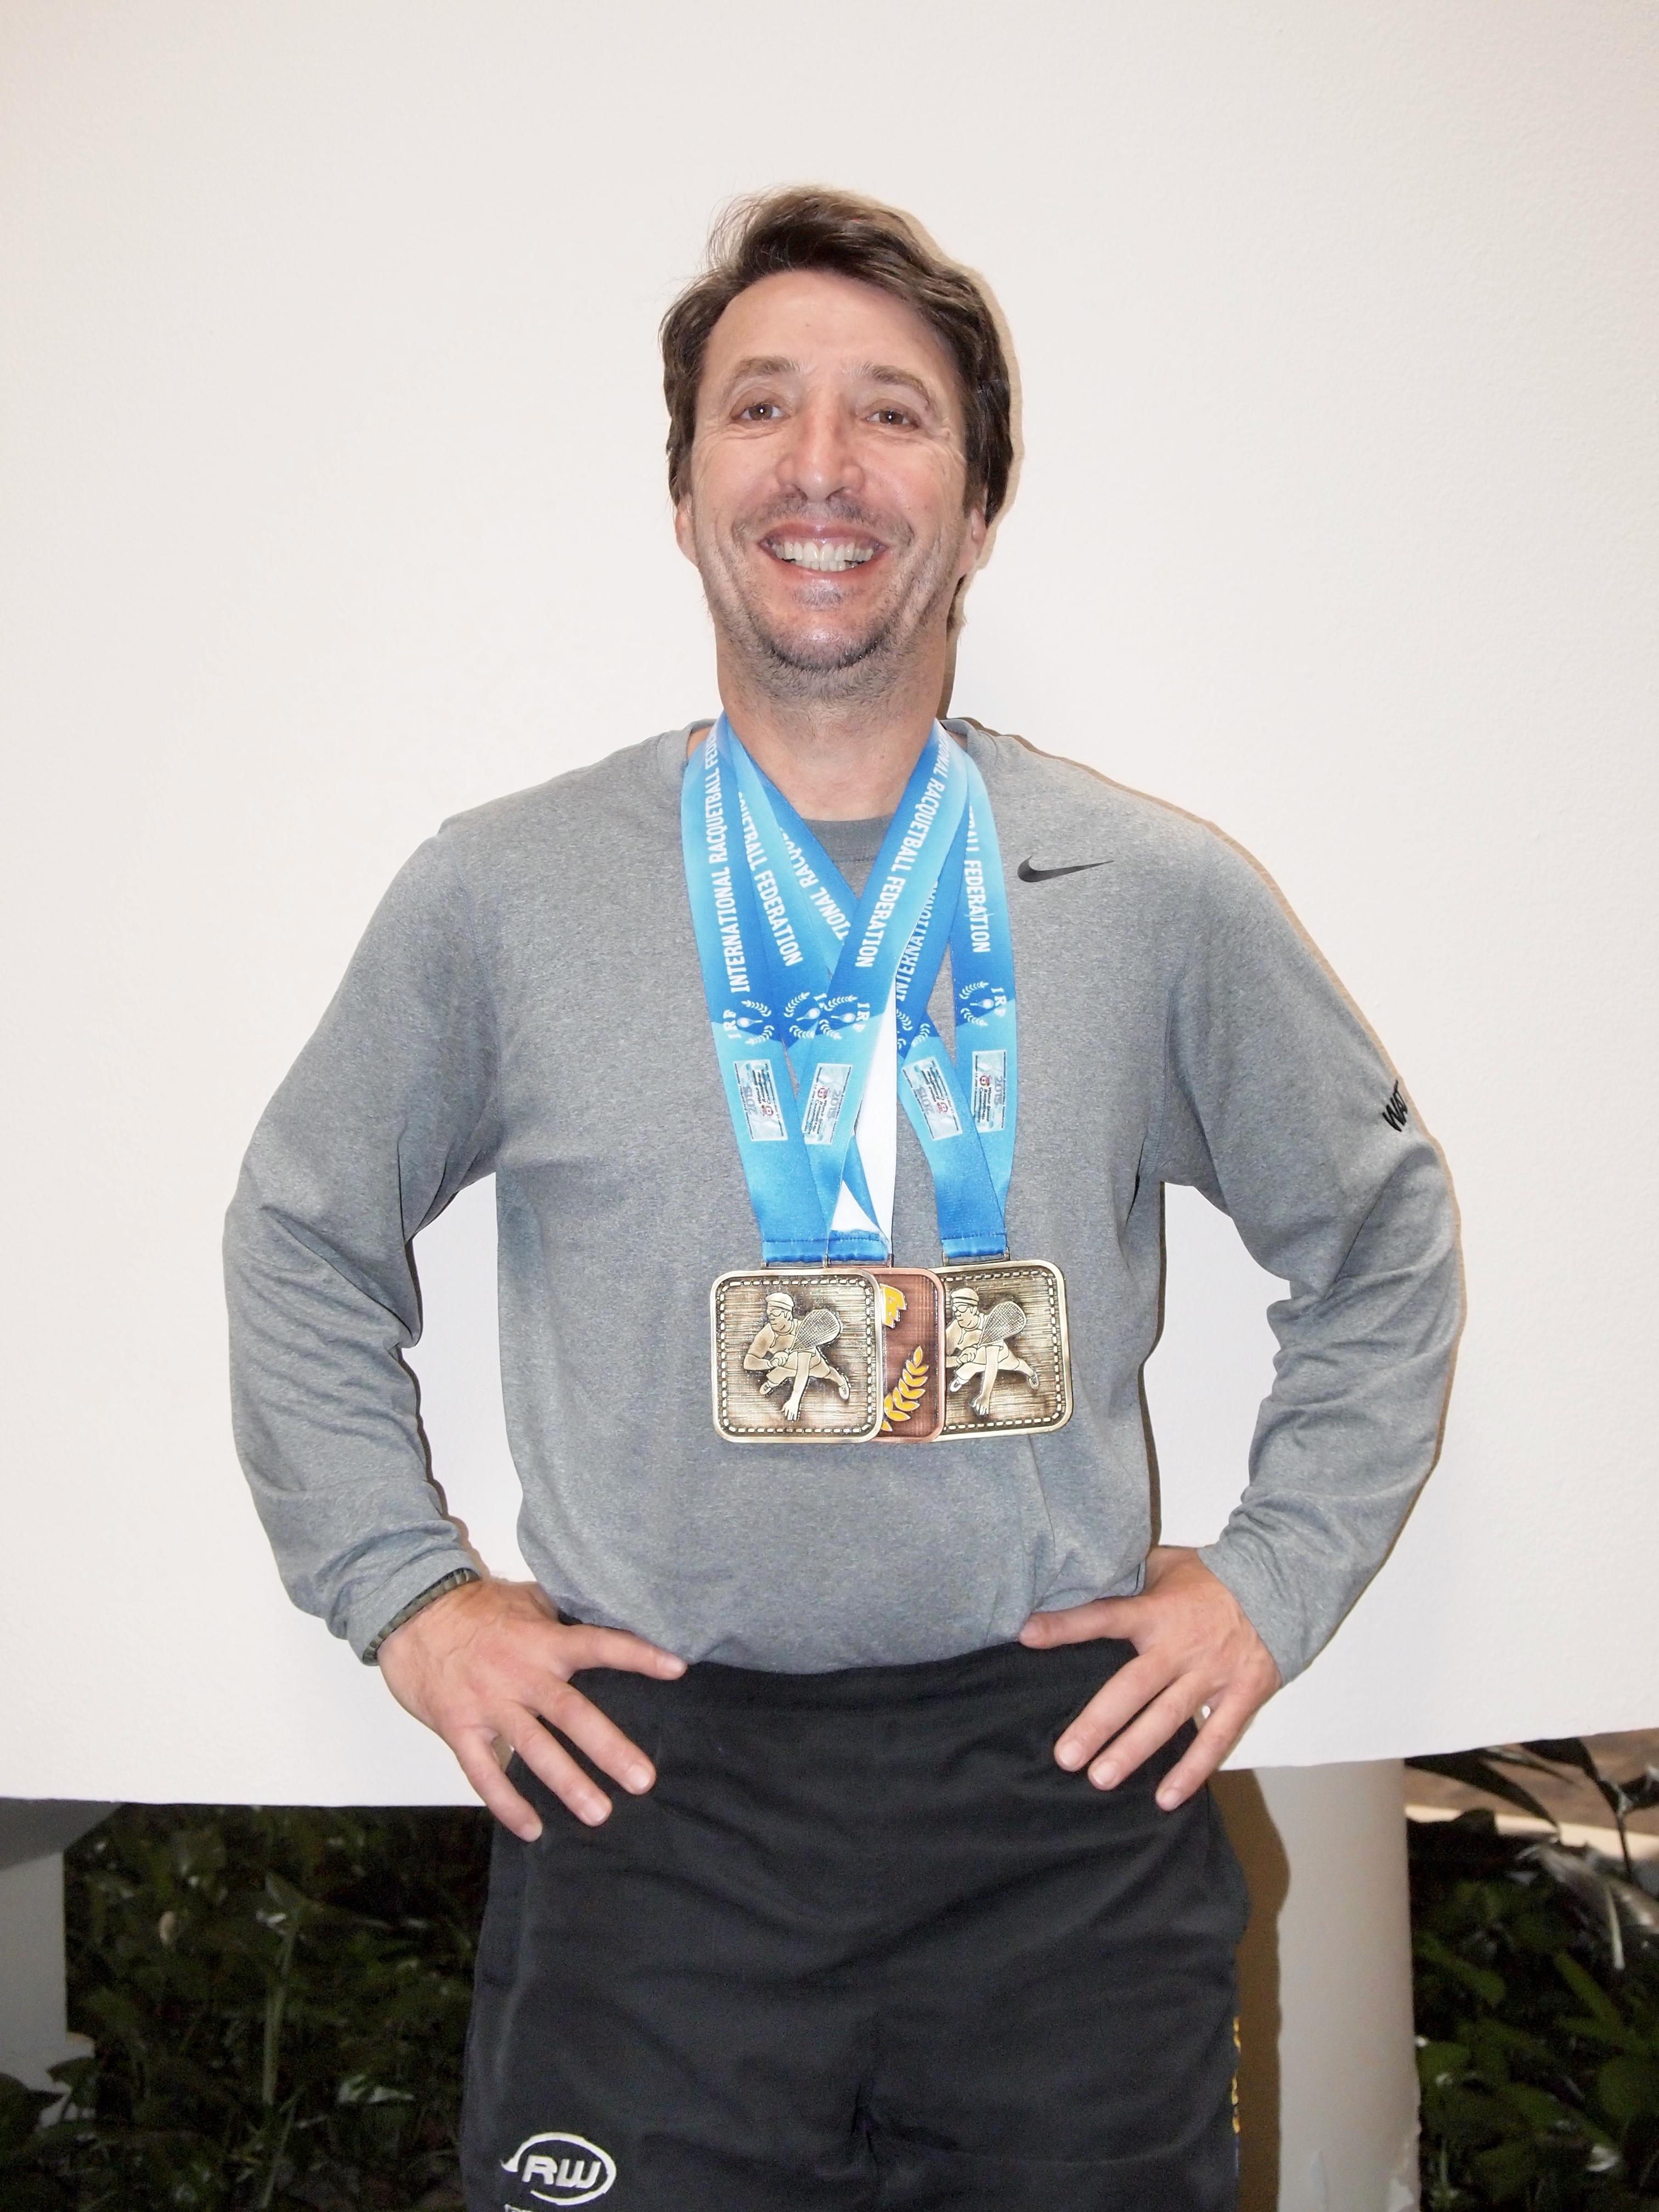 Steve Wattz